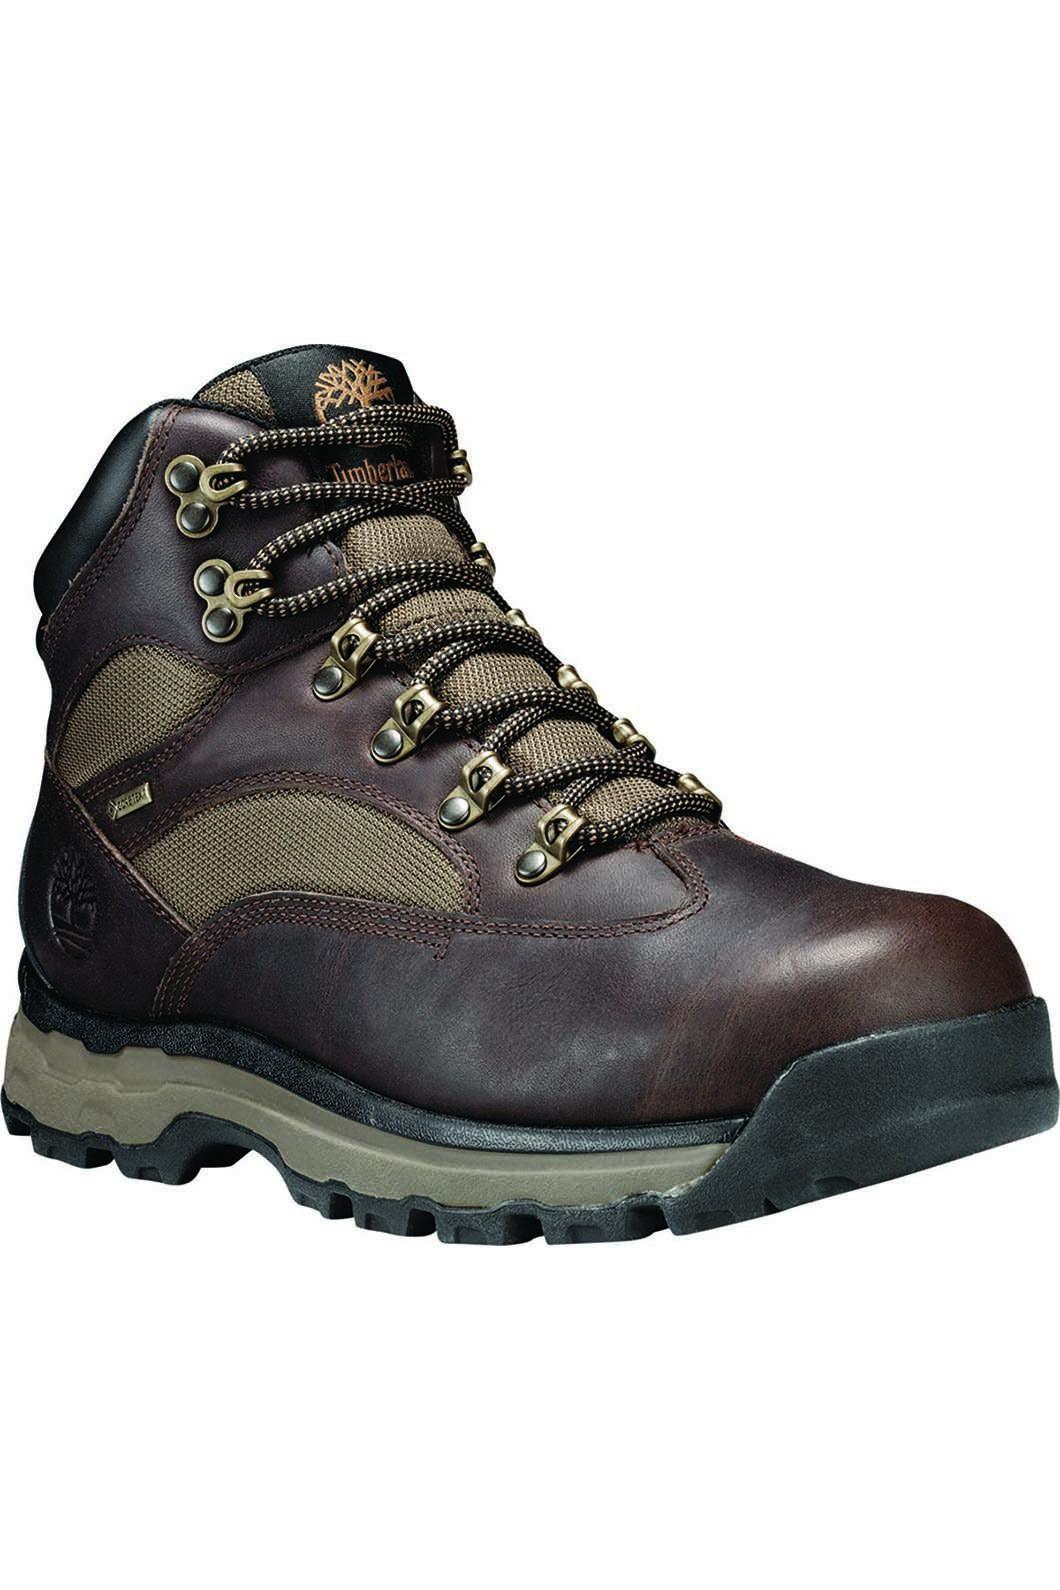 Timberland Men's Chocorua Trail 2 Hiking Boot, DARK BROWN FULL-GRAIN, hi-res